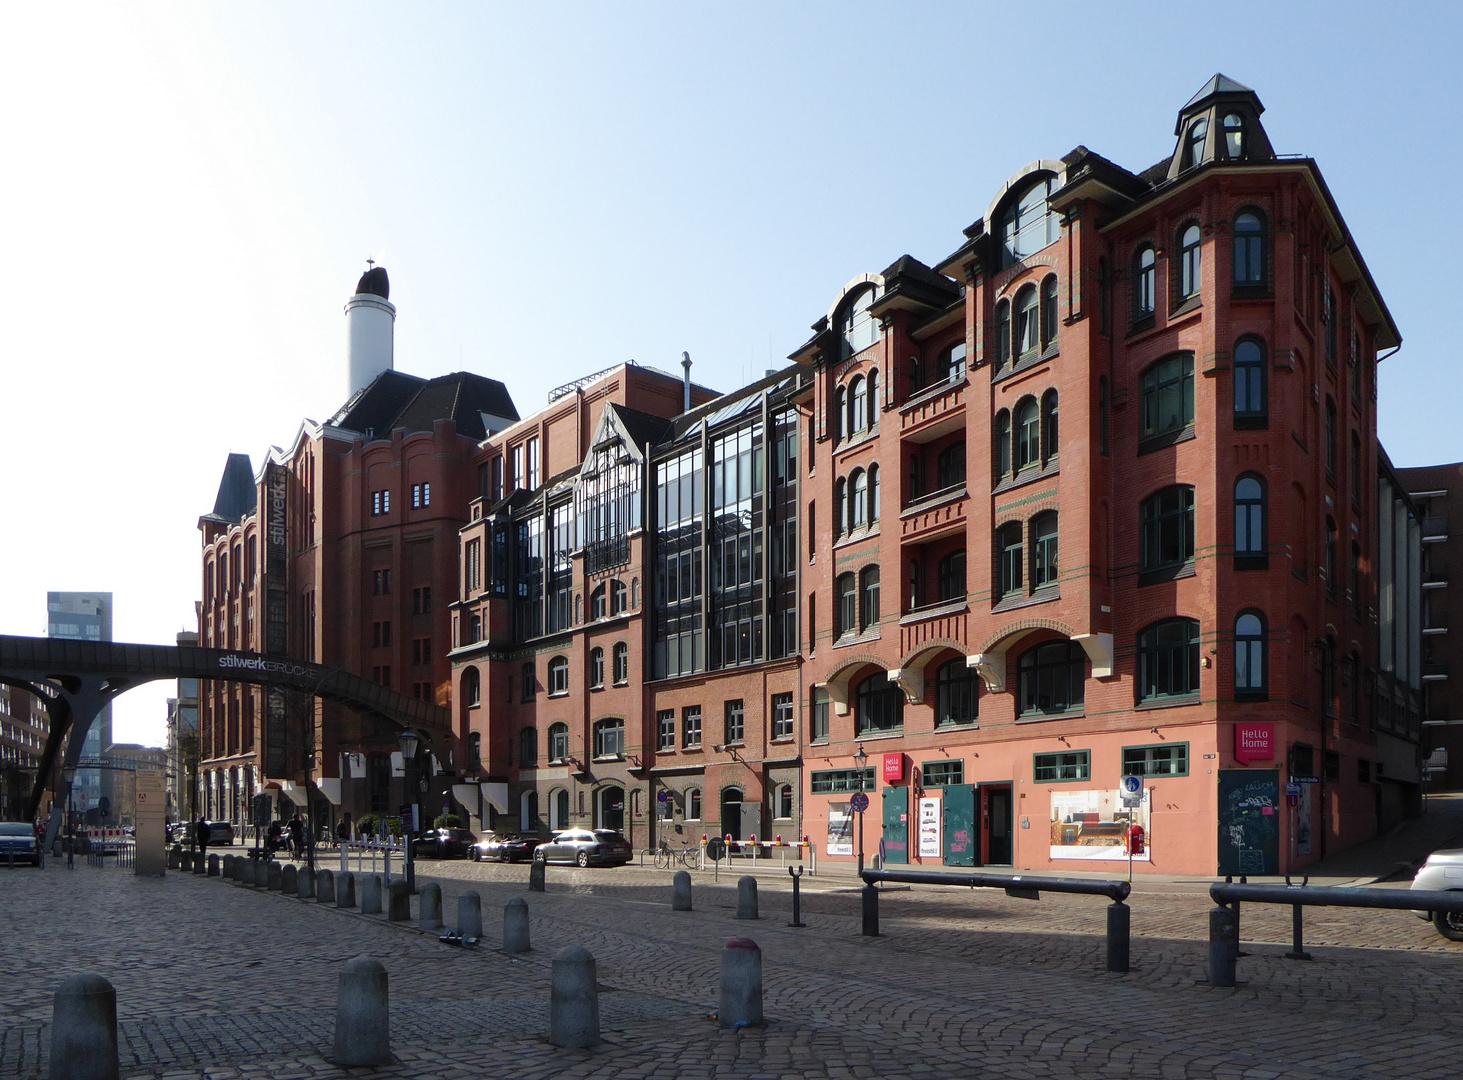 hamburg gro e elbstra e 68 foto bild architektur deutschland europe bilder auf fotocommunity. Black Bedroom Furniture Sets. Home Design Ideas